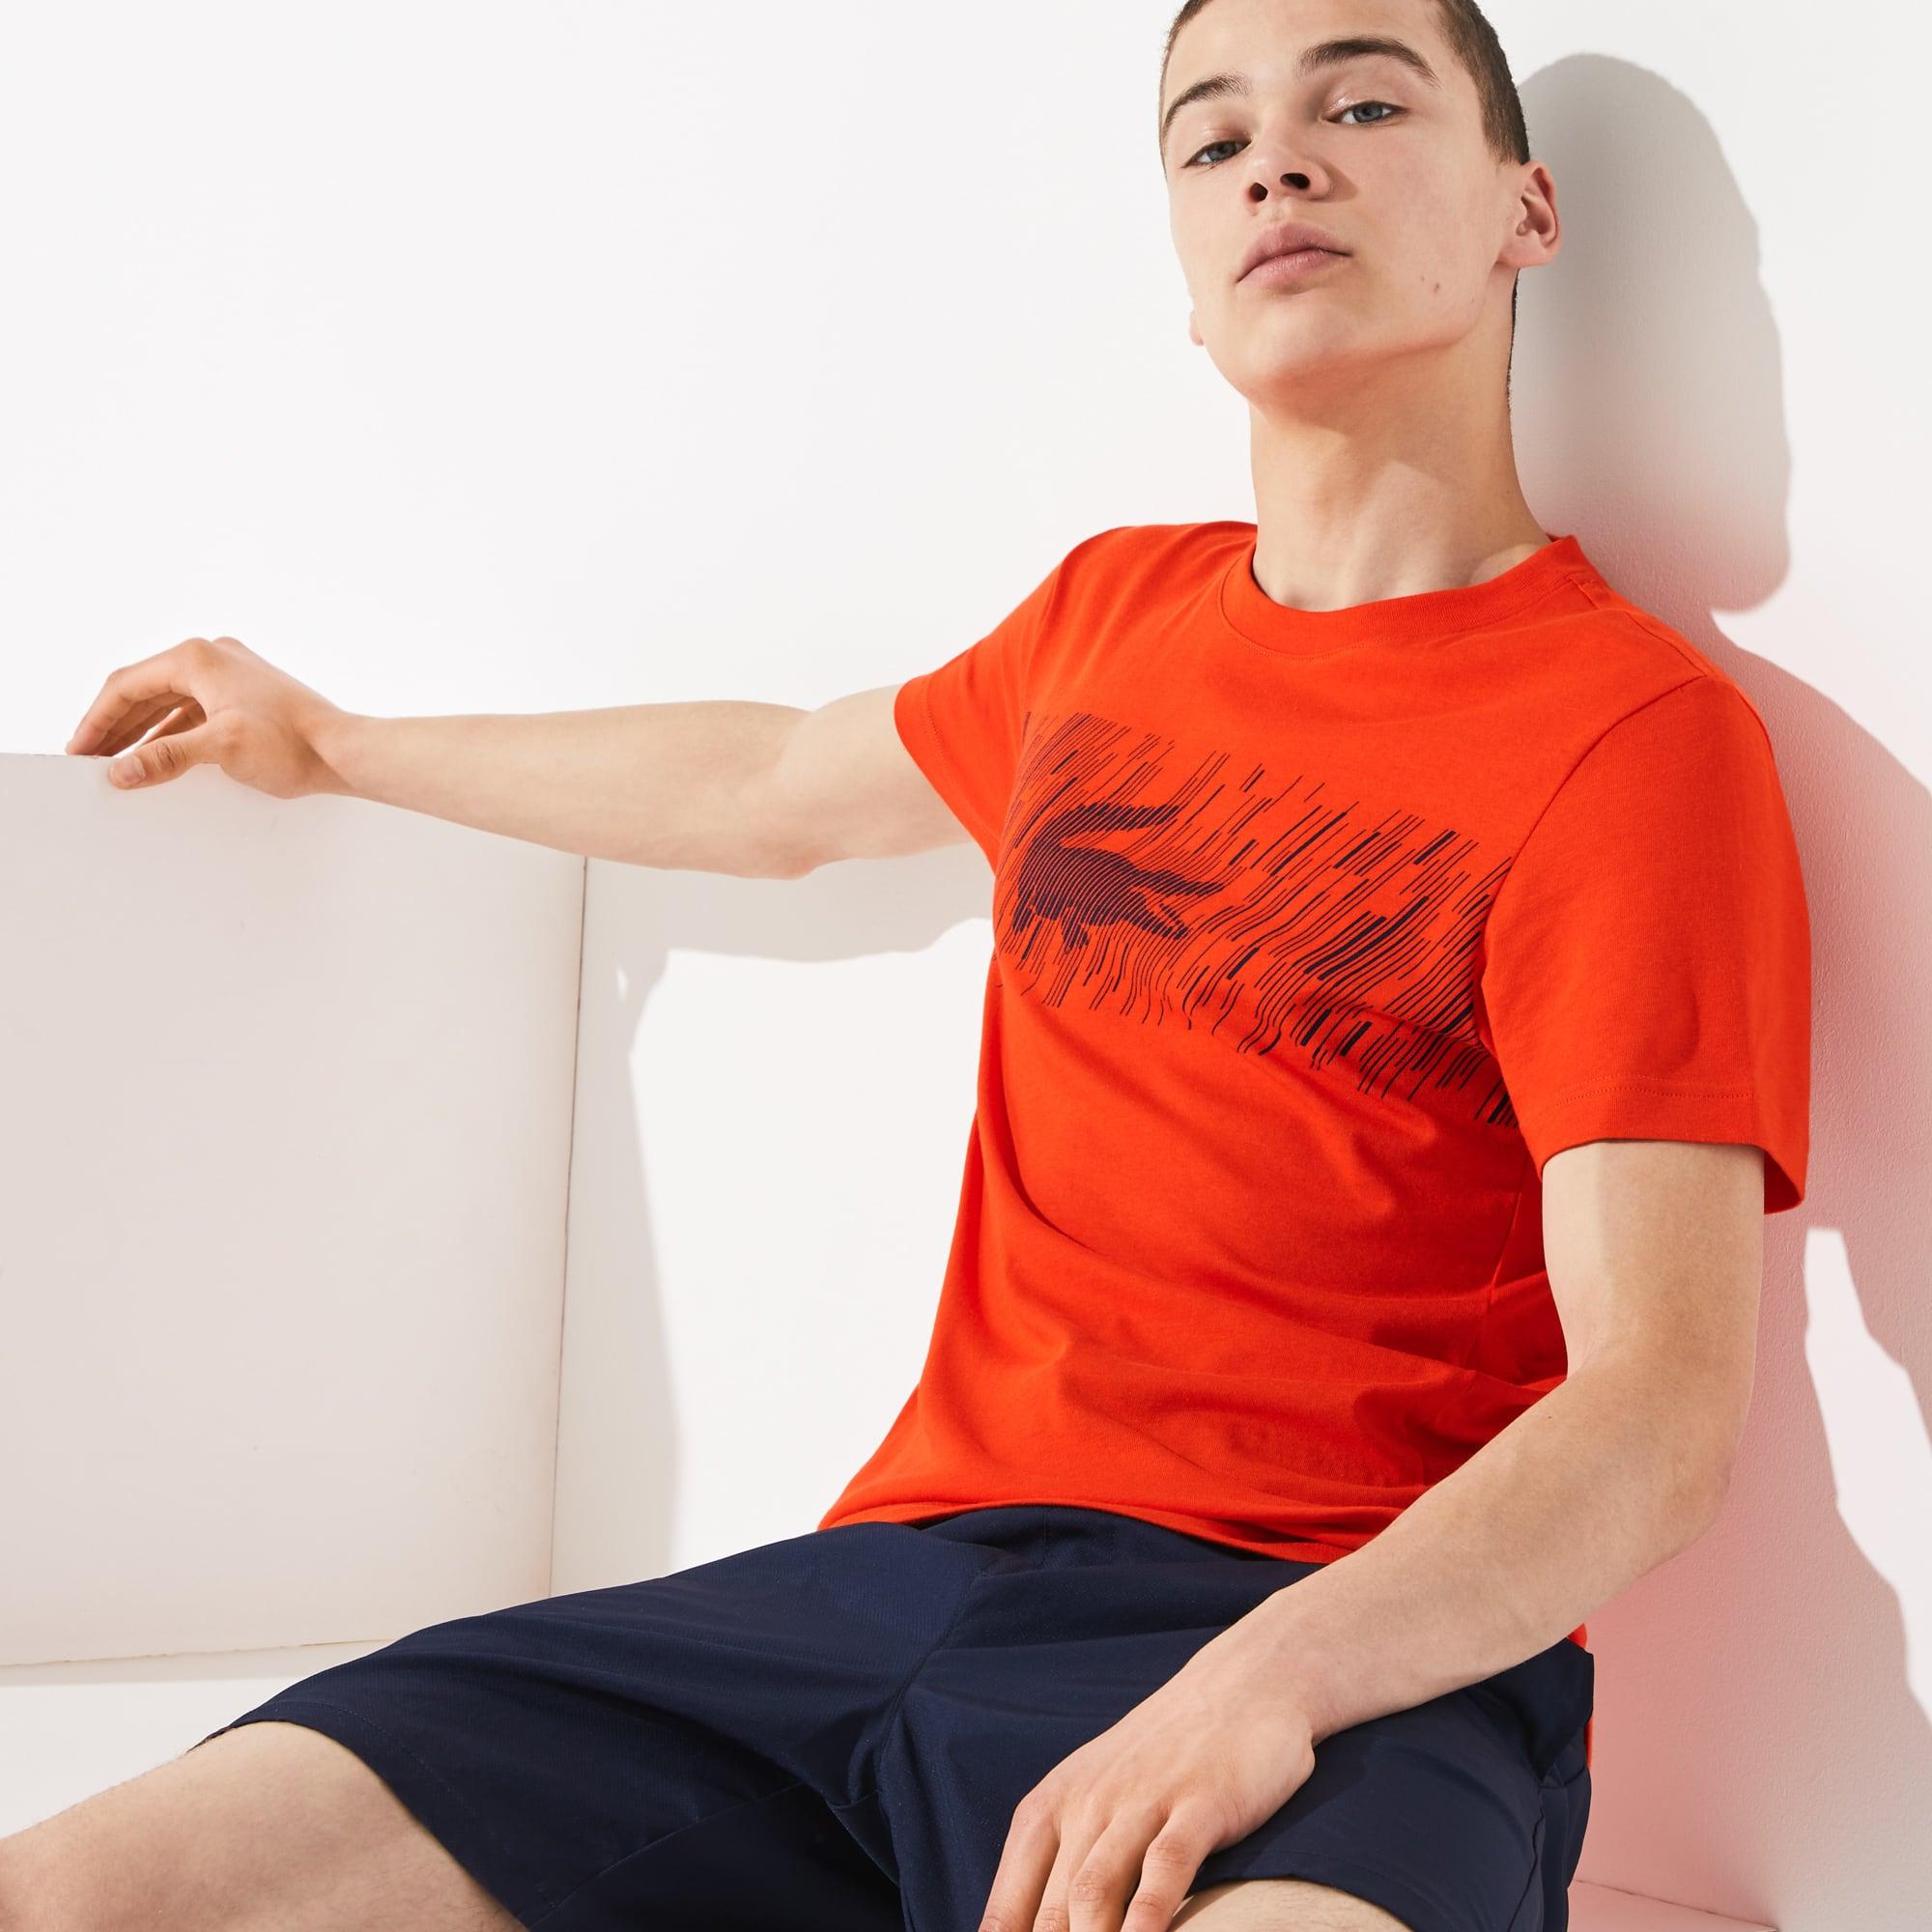 Lacoste Mens SPORT Crew Neck Croc Print Tech Jersey Tennis T-shirt